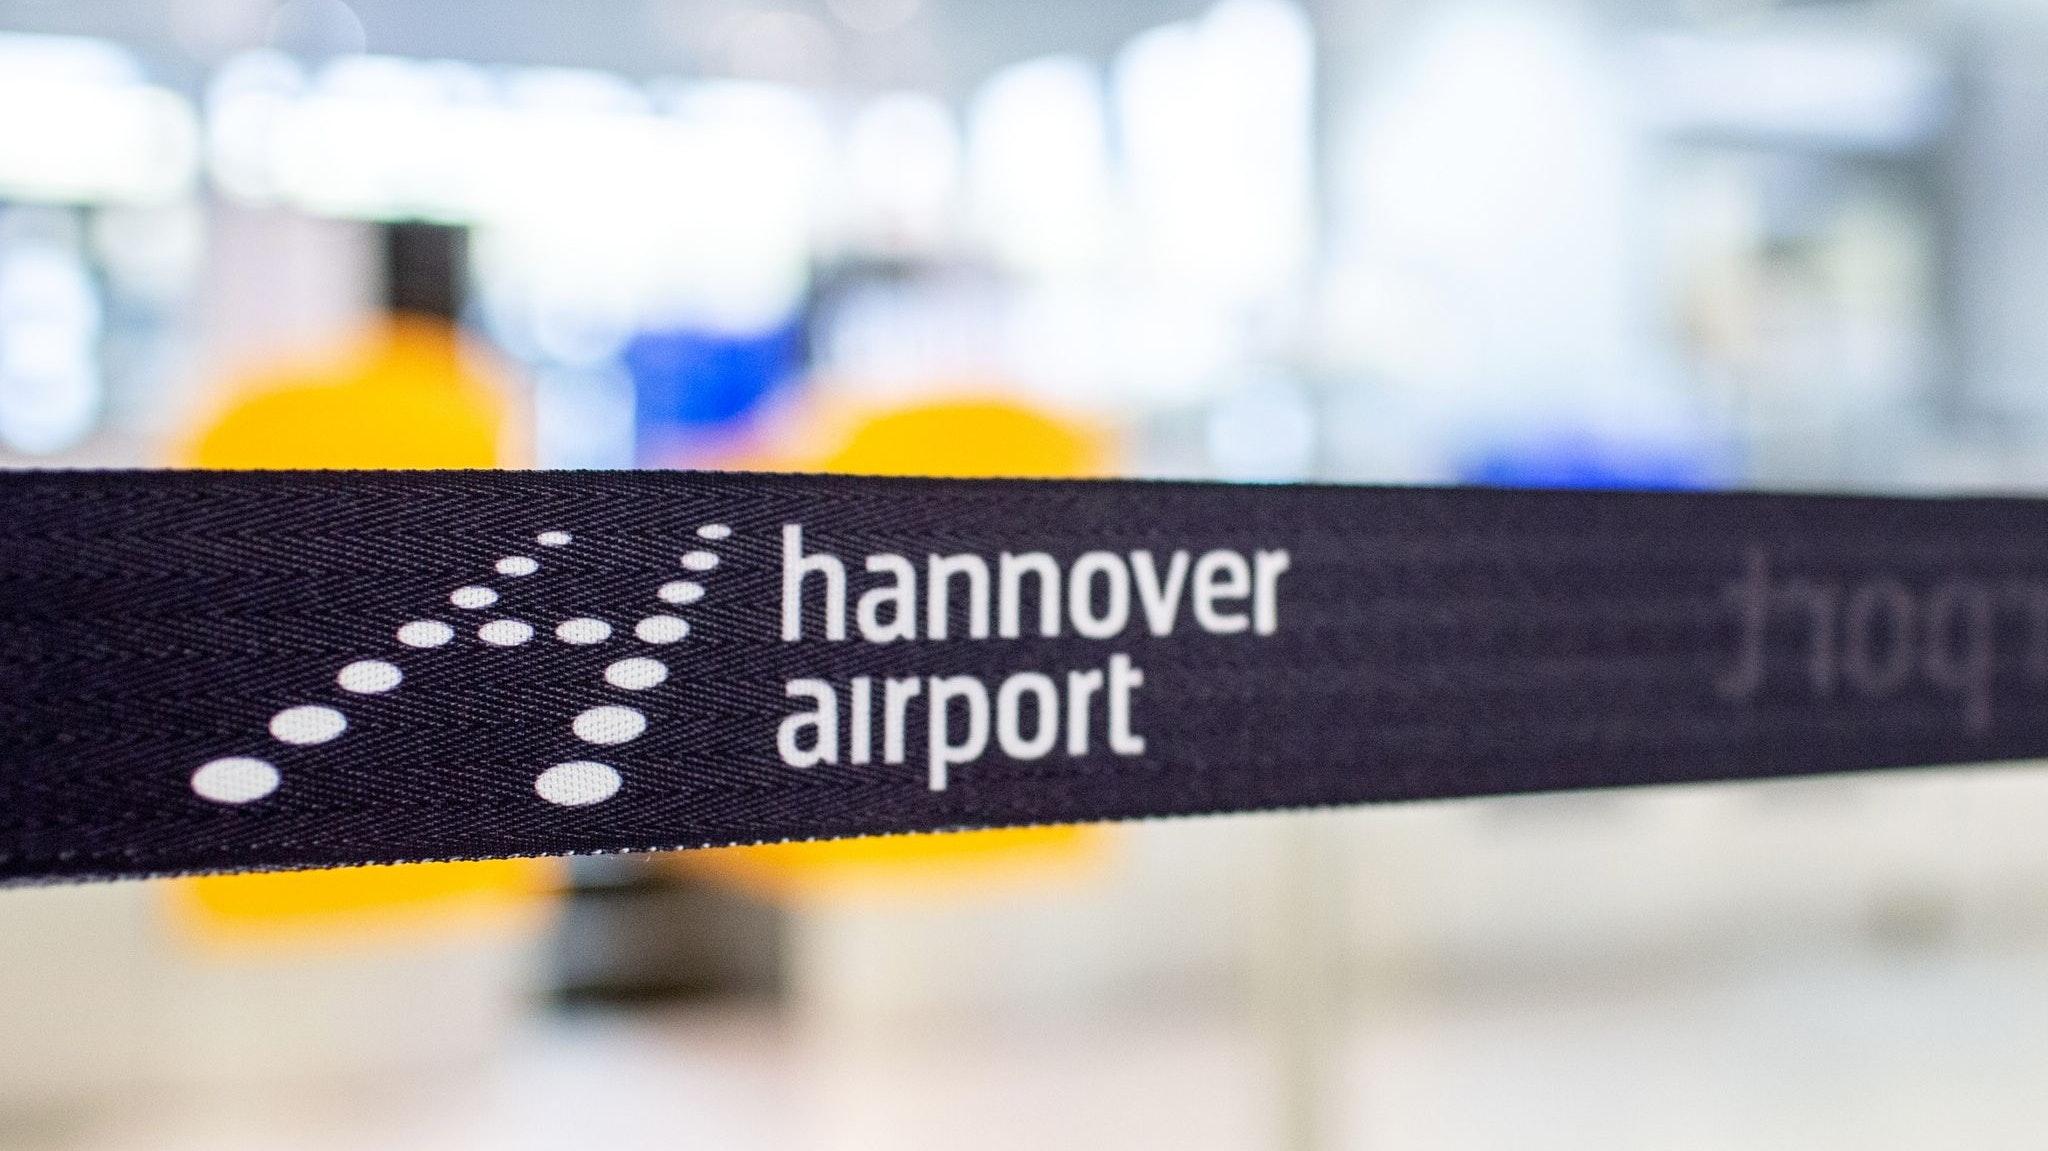 Flughafen in Langenhagen: Von Hannover aus werden derzeit drei Länder angeflogen, die auf der Liste des Robert Koch-Institutes für Risikogebiete stehen: die Türkei, Serbien und Weißrussland. Foto: dpa